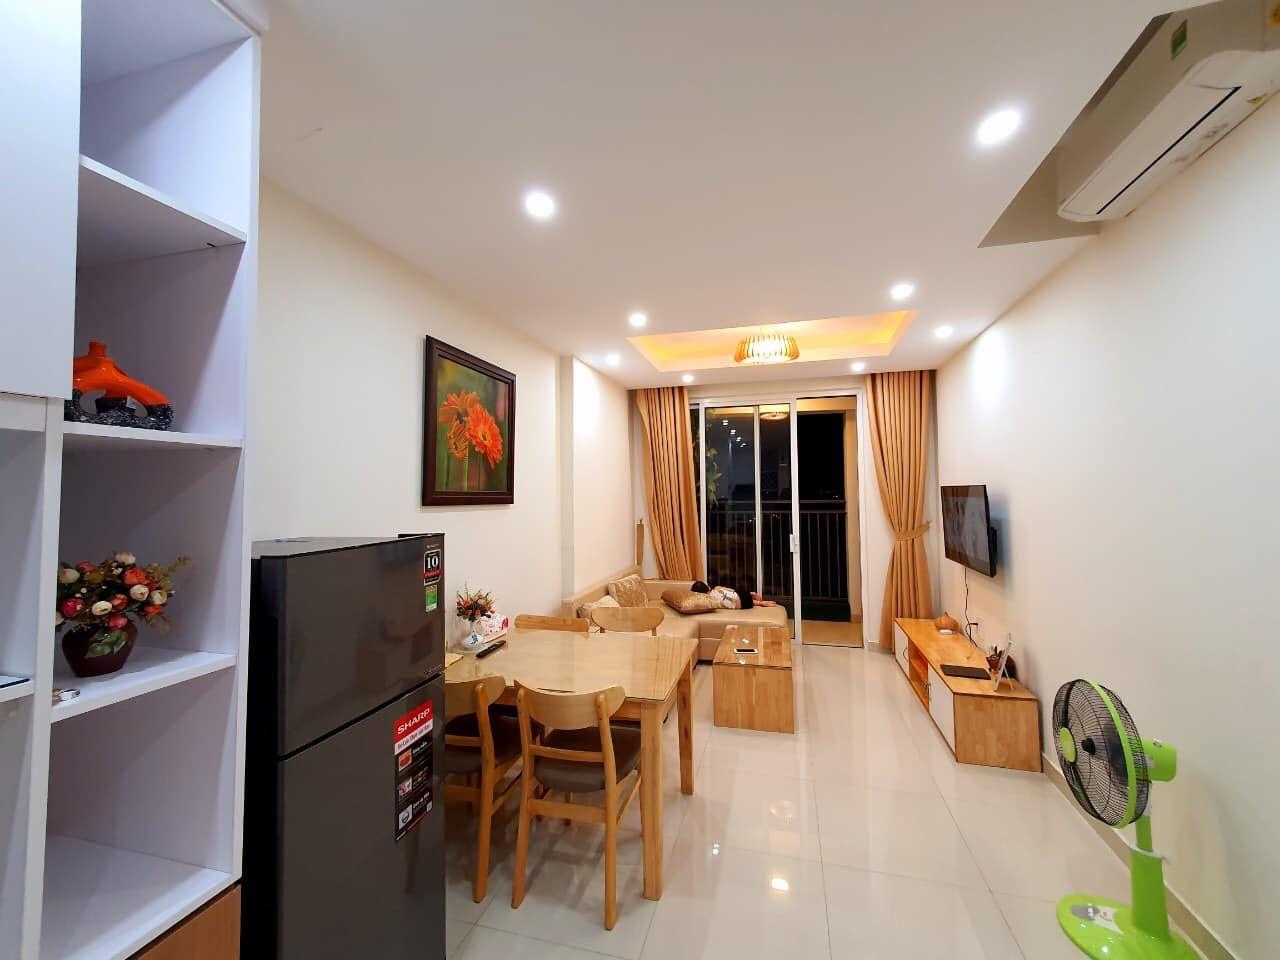 Cho thuê căn hộ ở chung cư prosper plaza quận 12